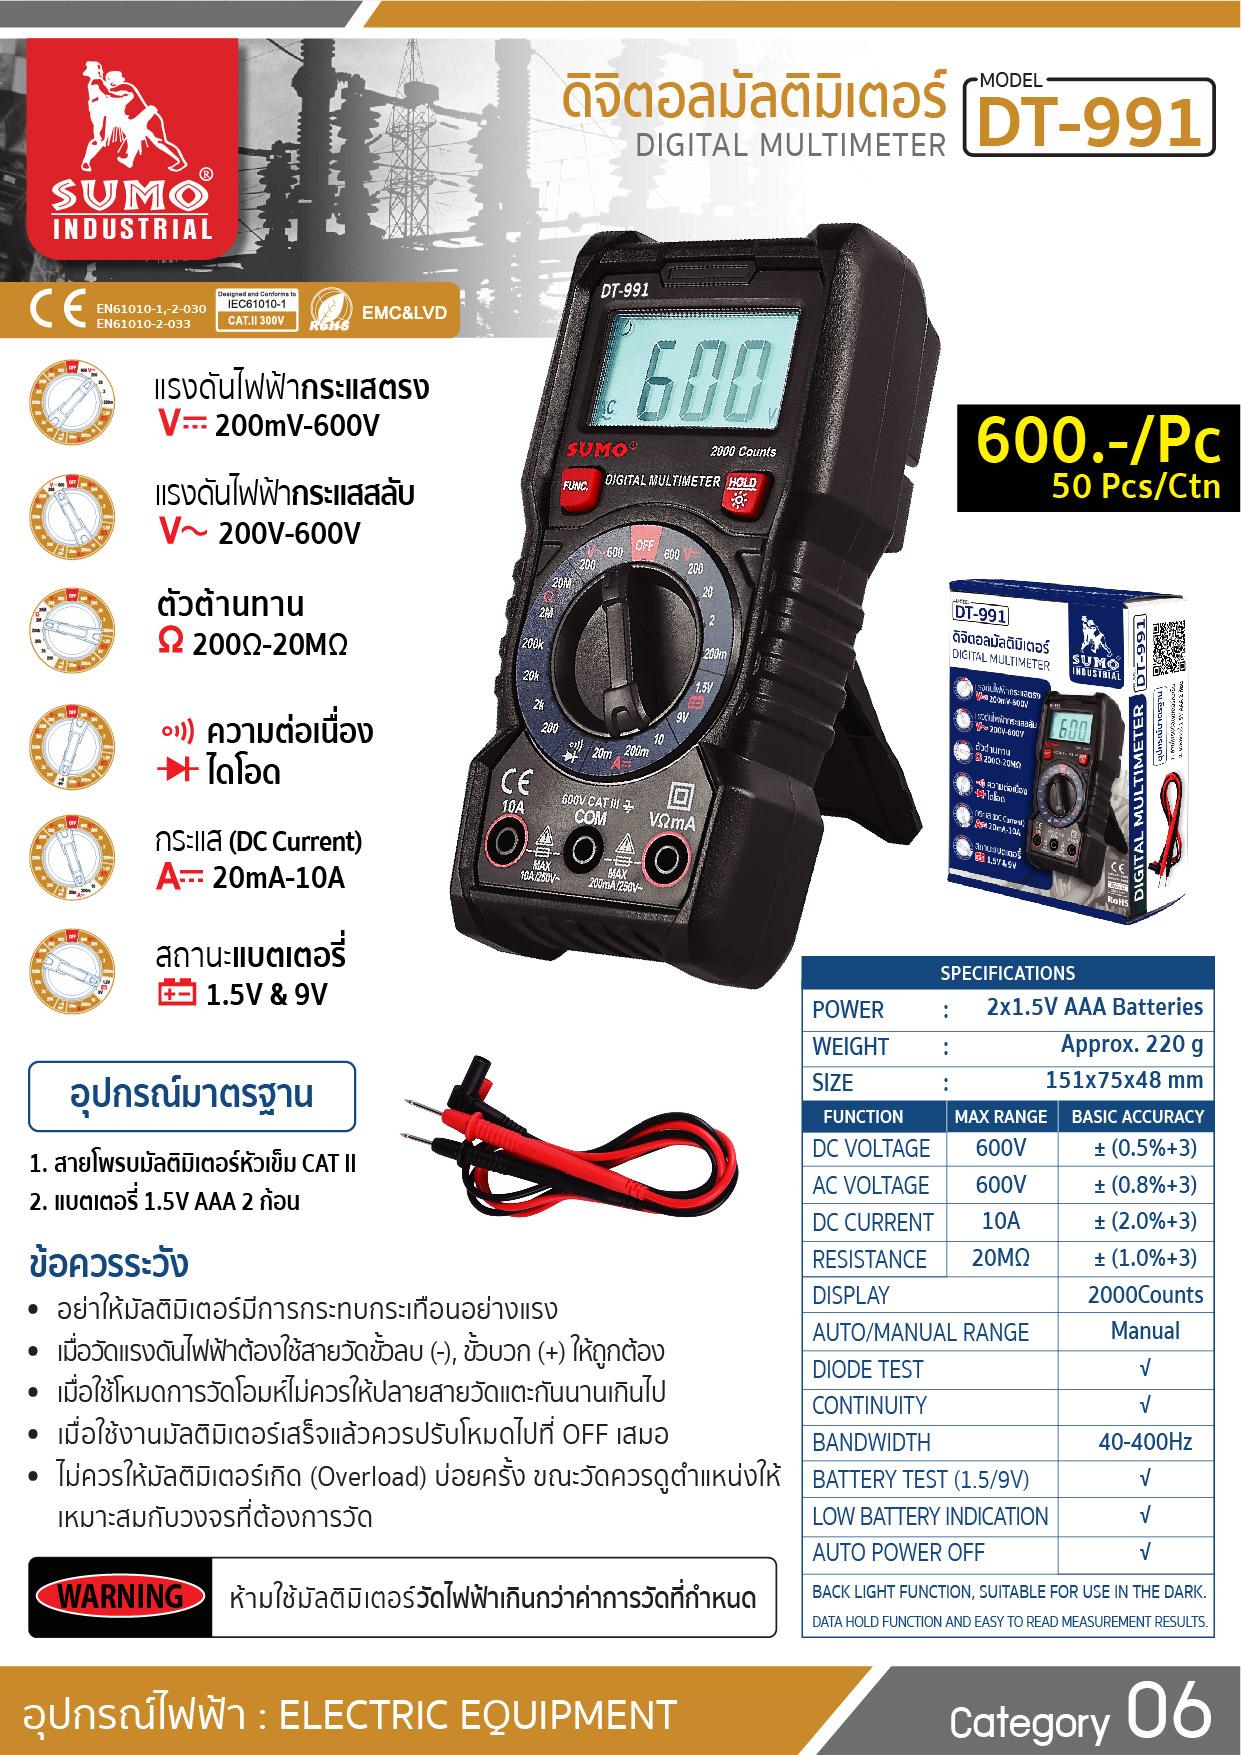 (8/17) ดิจิตอลมัลติมิเตอร์ รุ่น DT-991